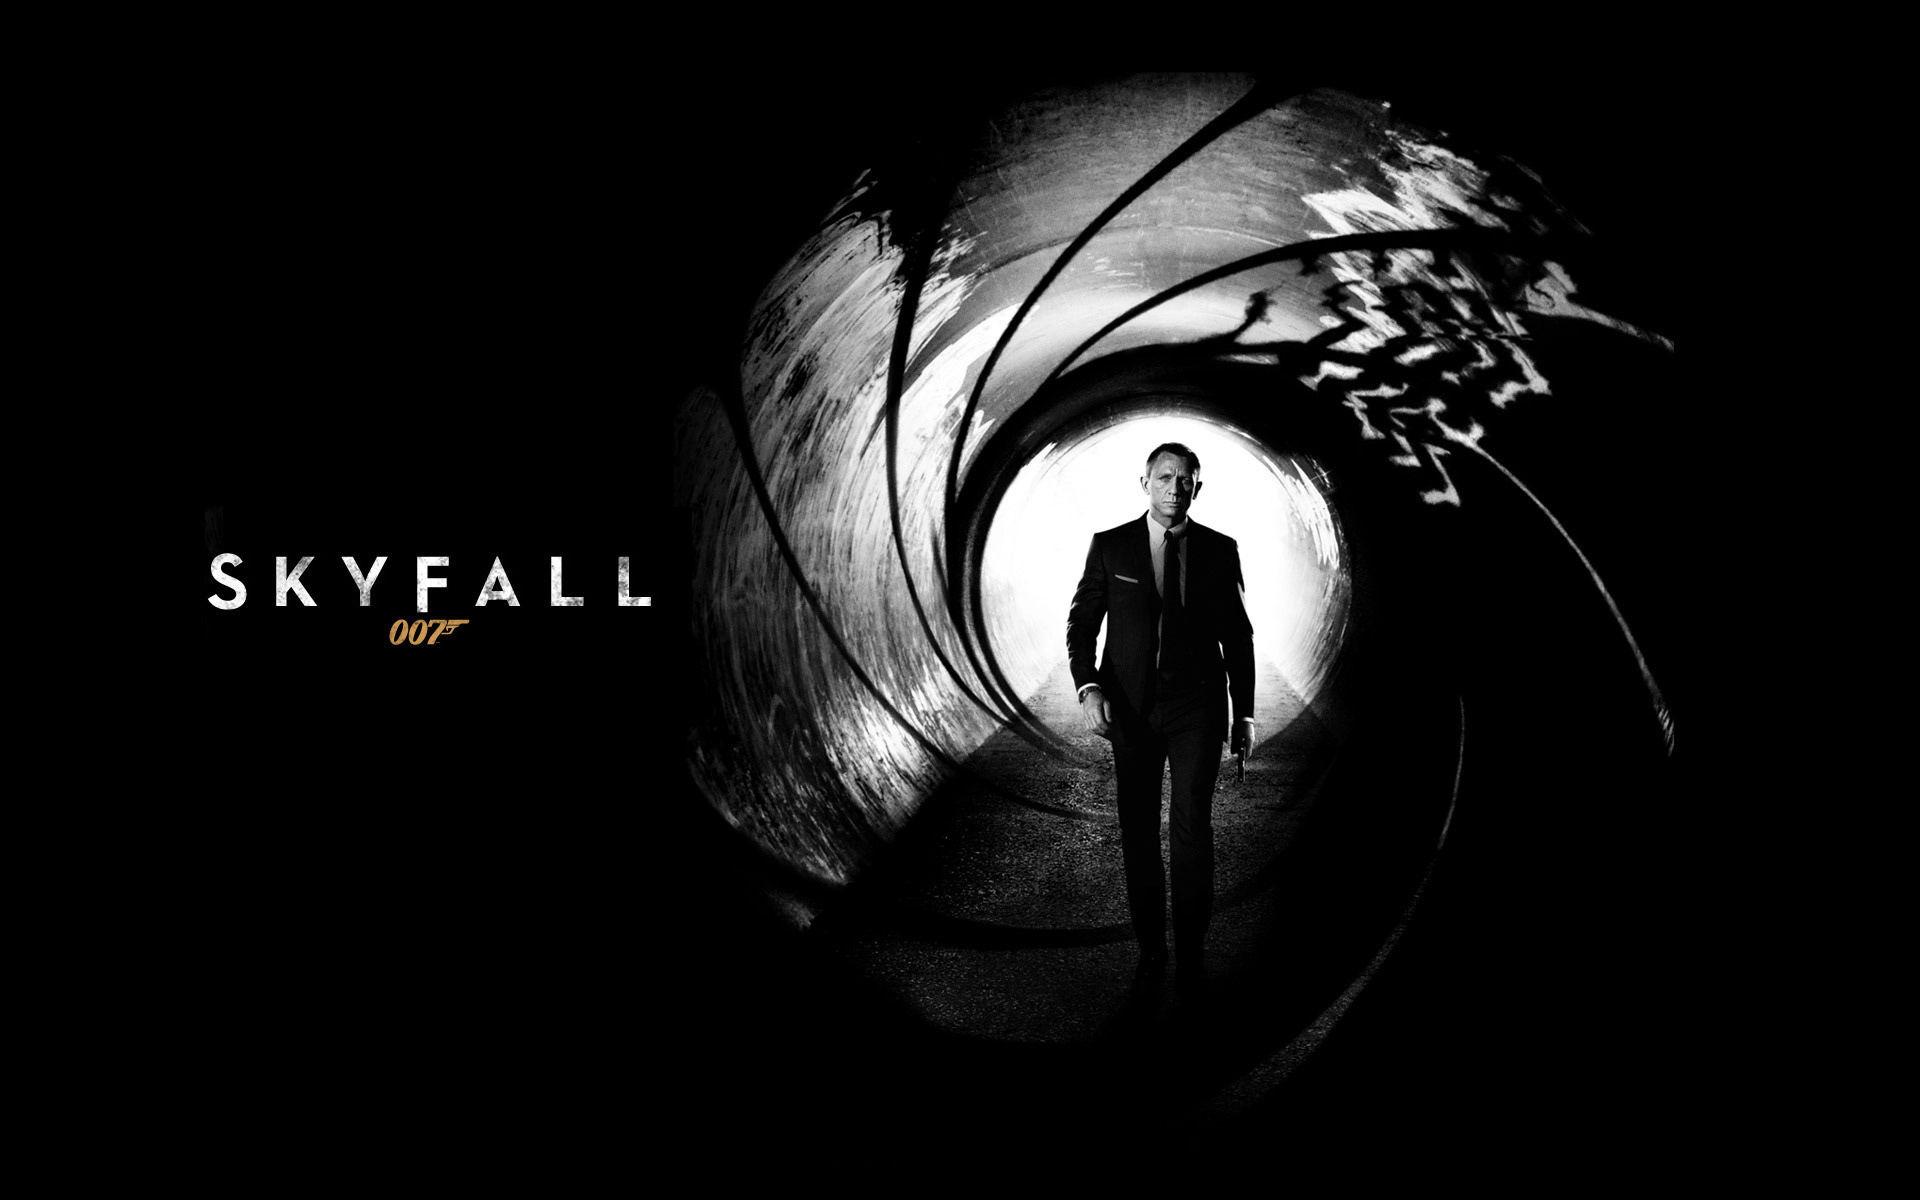 007 skyfall fonds d - photo #24